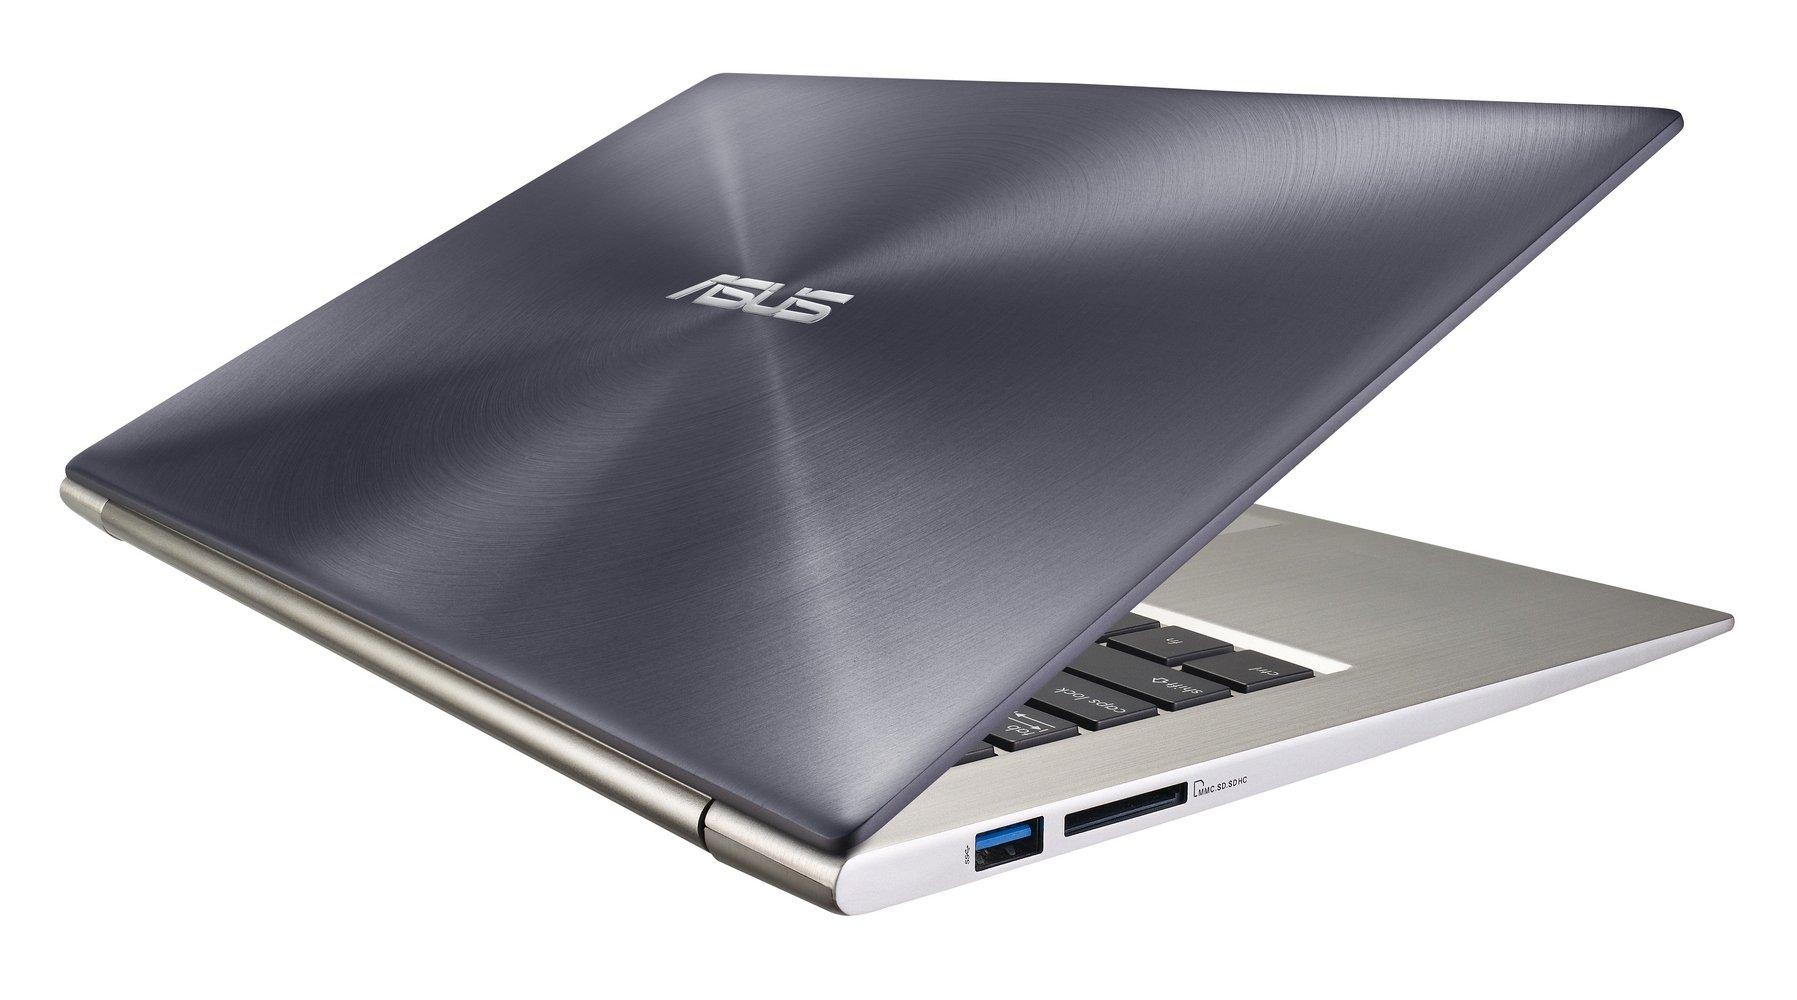 ASUS UX32LN NB / silver ( Win8.1 64bit / 13.3inch FHD / i5-4200U / 500GB HDD + 8GB SSD / GT840M ) UX32LN-RI5